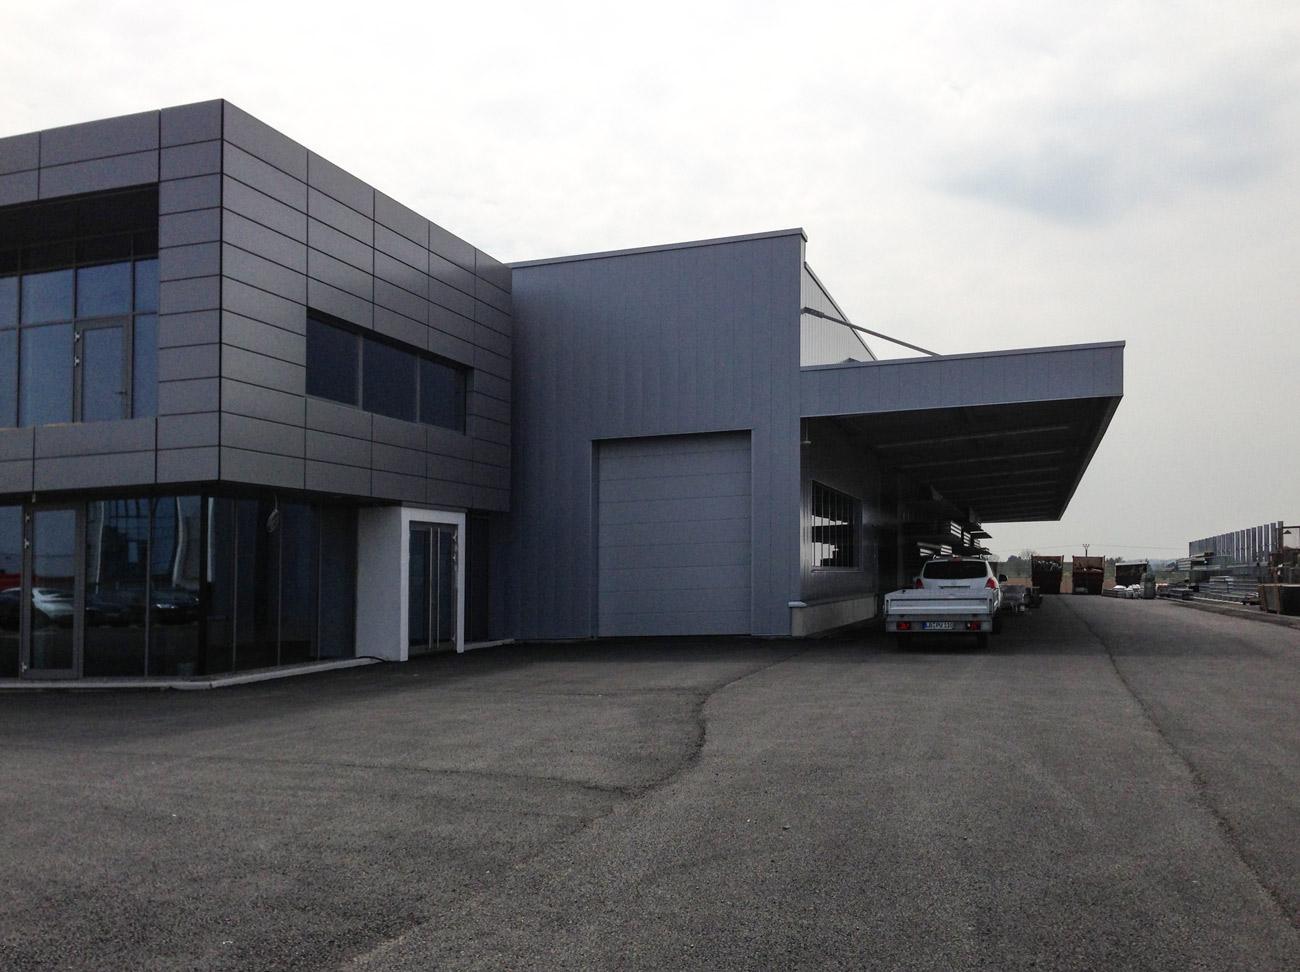 Seitenansicht Verwaltungsgebäude, Backnang Neubau